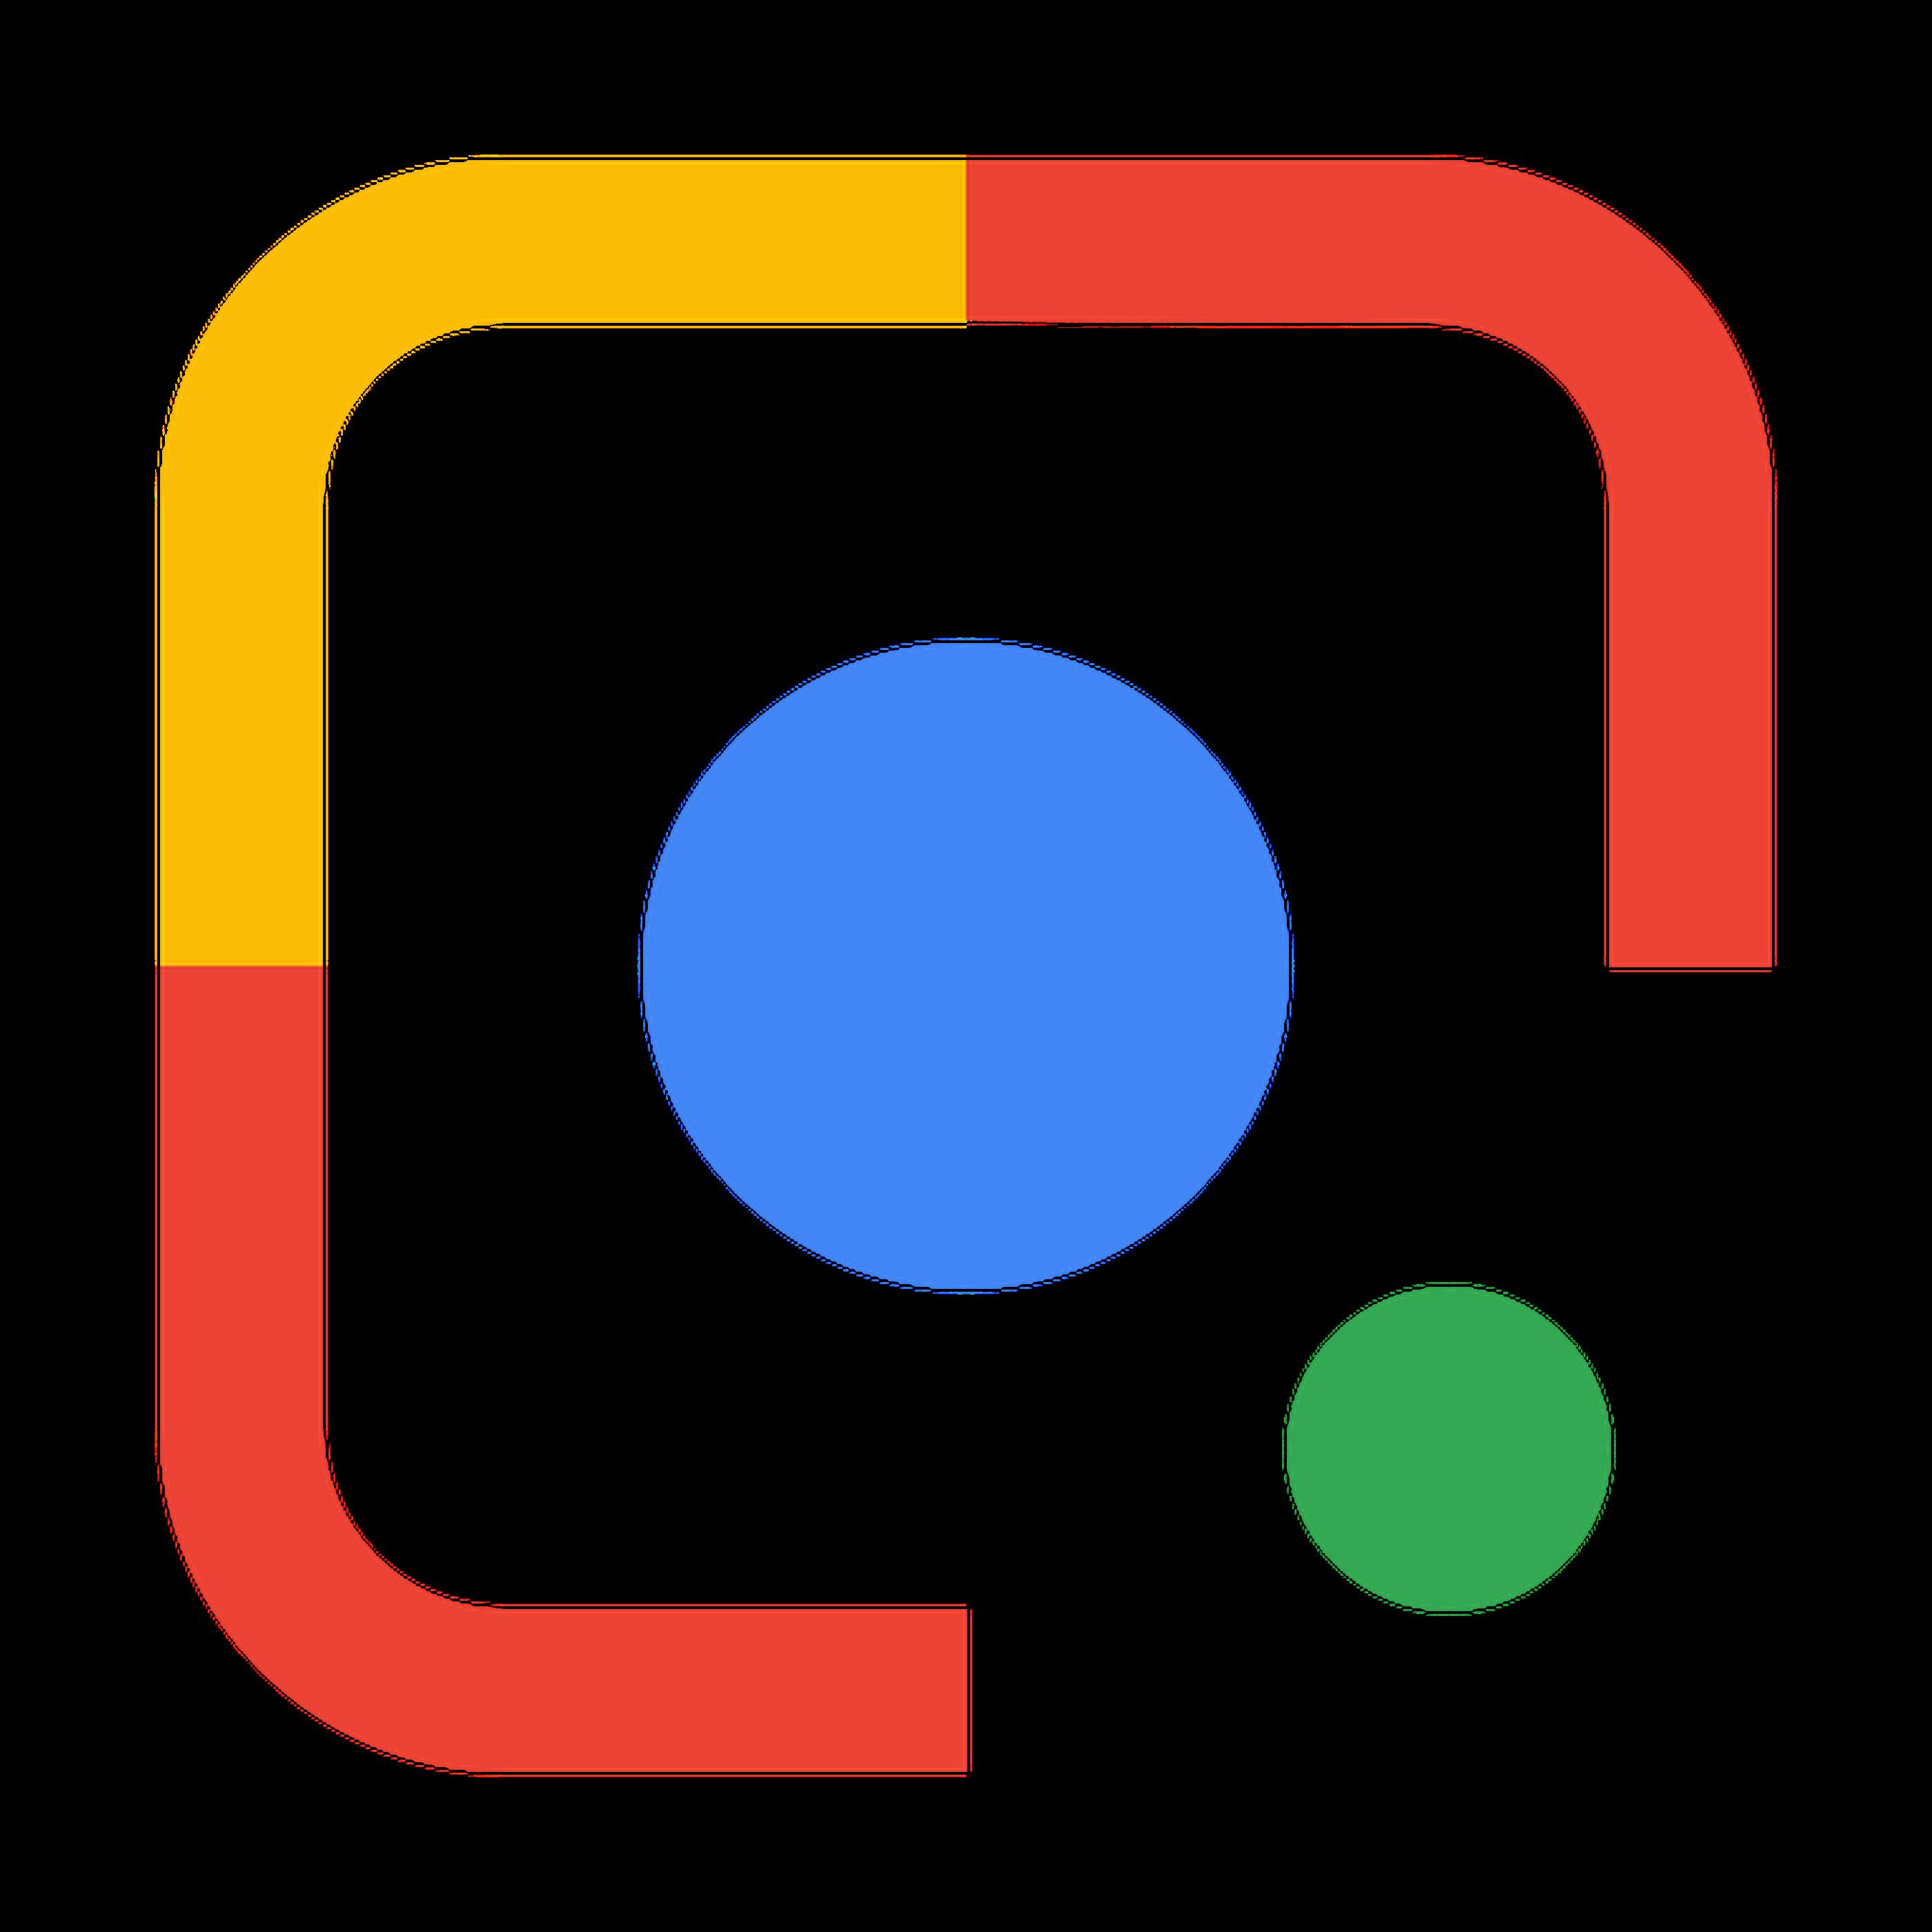 Logo de Google Lens